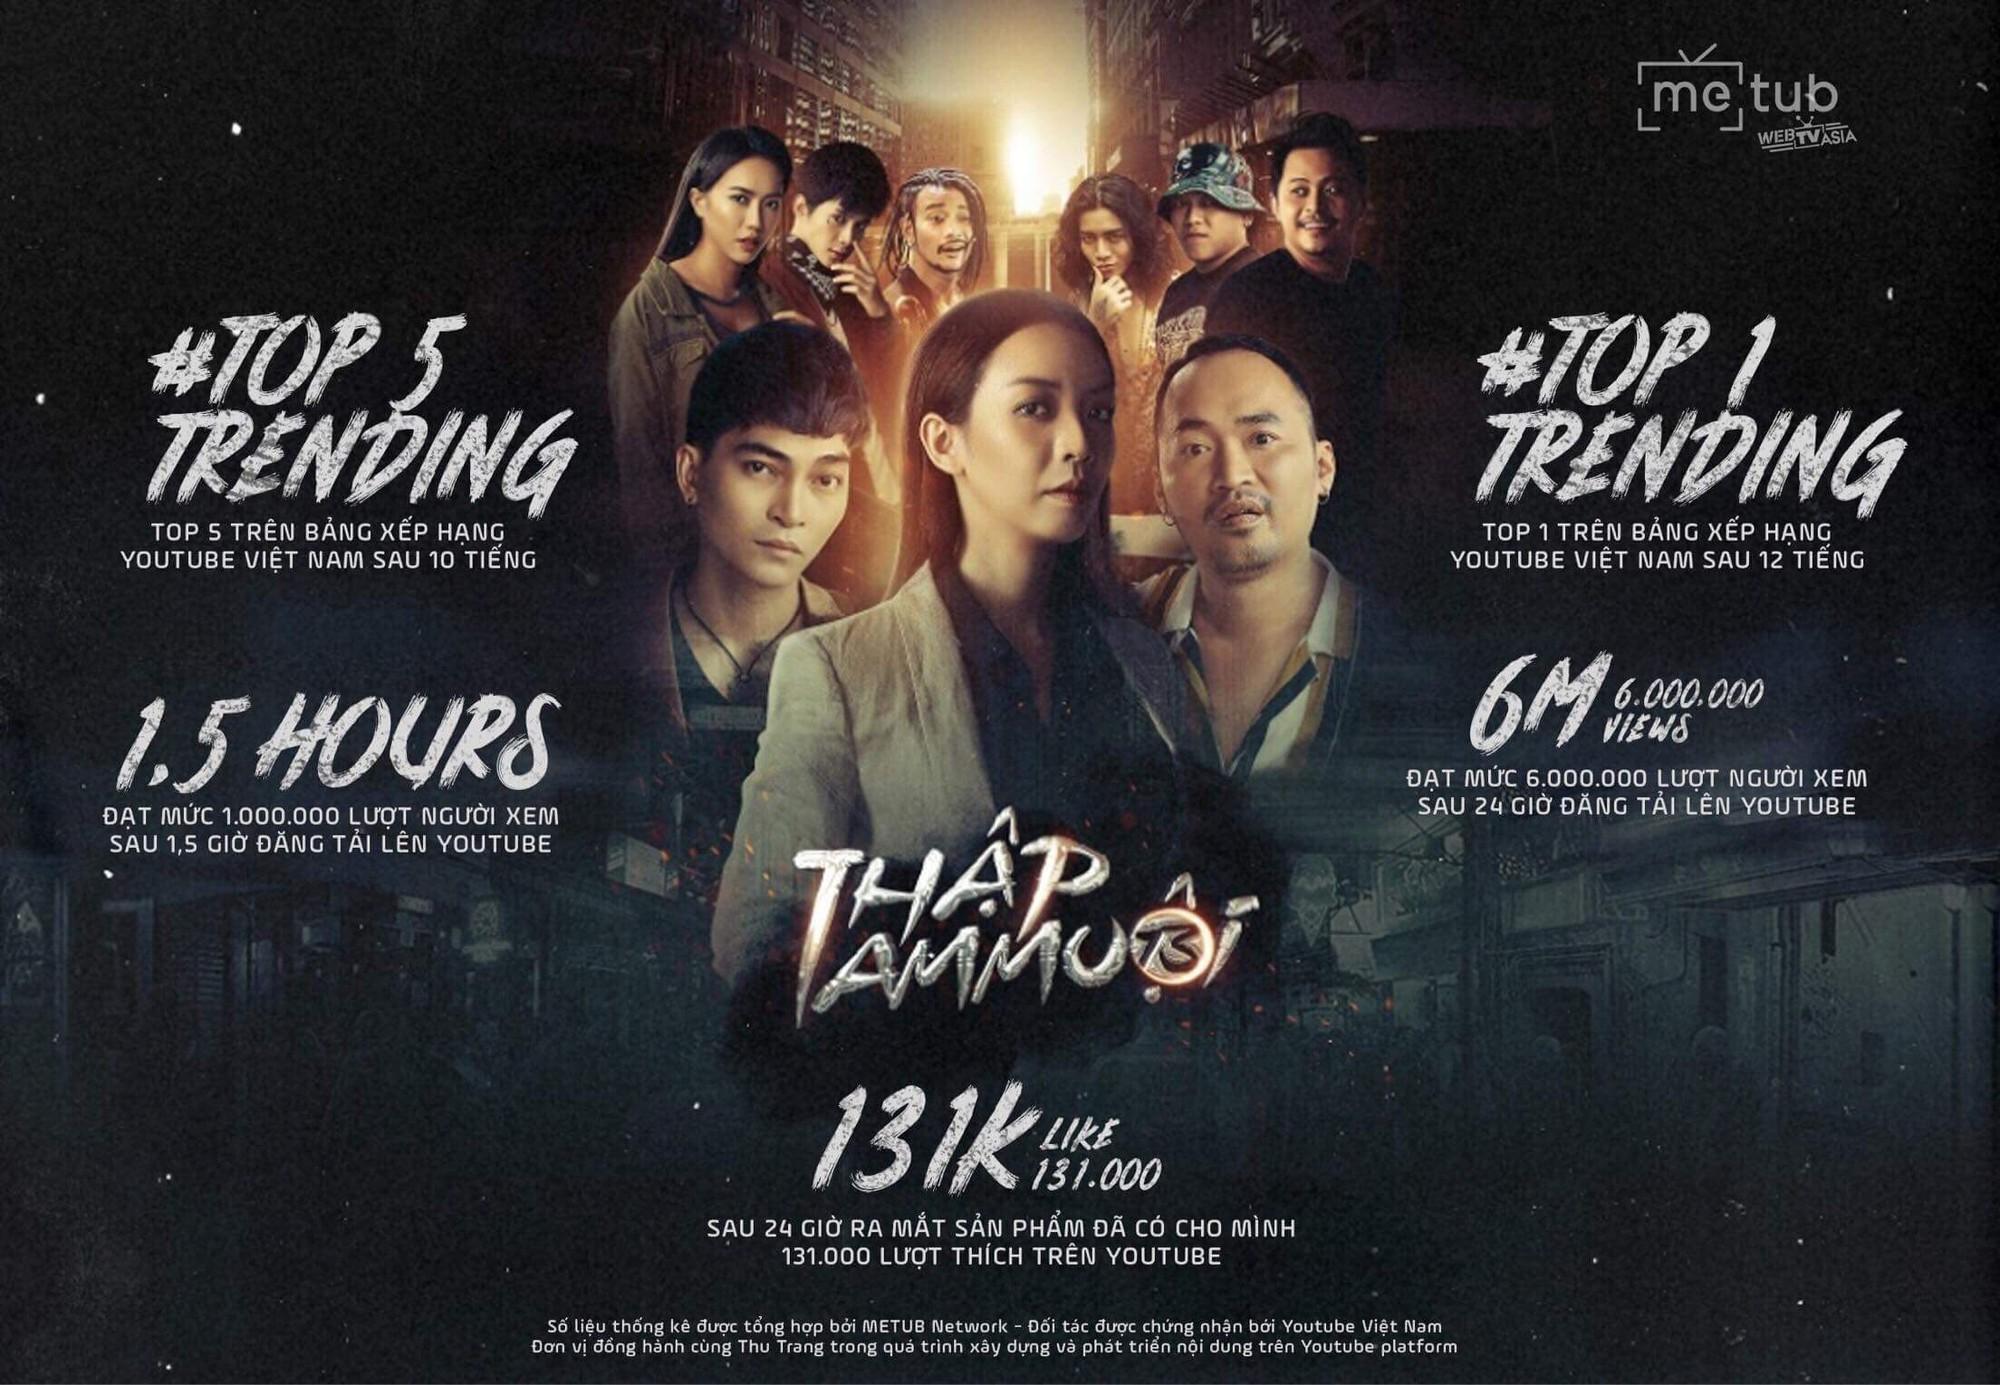 Phá kỉ lục của chính mình, Thu Trang quyết định làm phần 2 cho Thập Tam Muội - Ảnh 1.